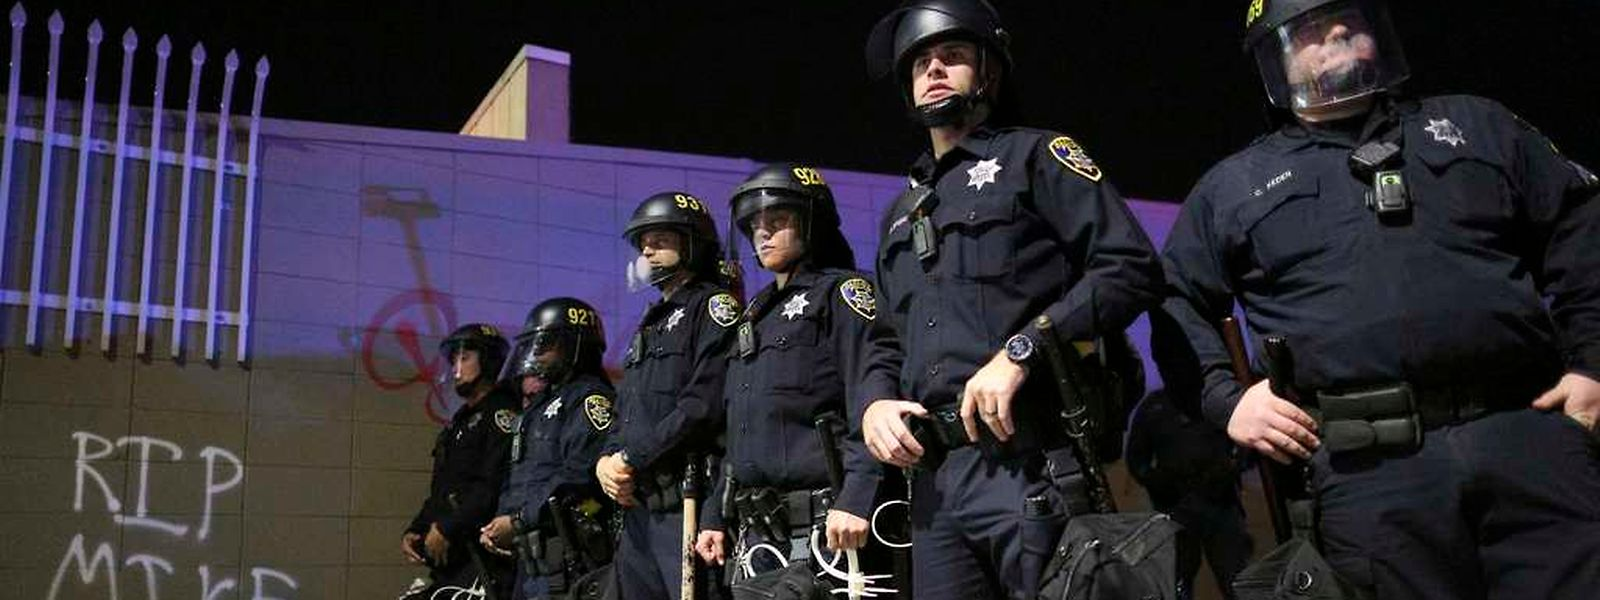 Im August erschoss ein Polizist in der US-Stadt Ferguson den schwarzen Jugendlichen Mike Brown. Seitdem kommt es in den USA zu Protesten gegen die Polizeigewalt.